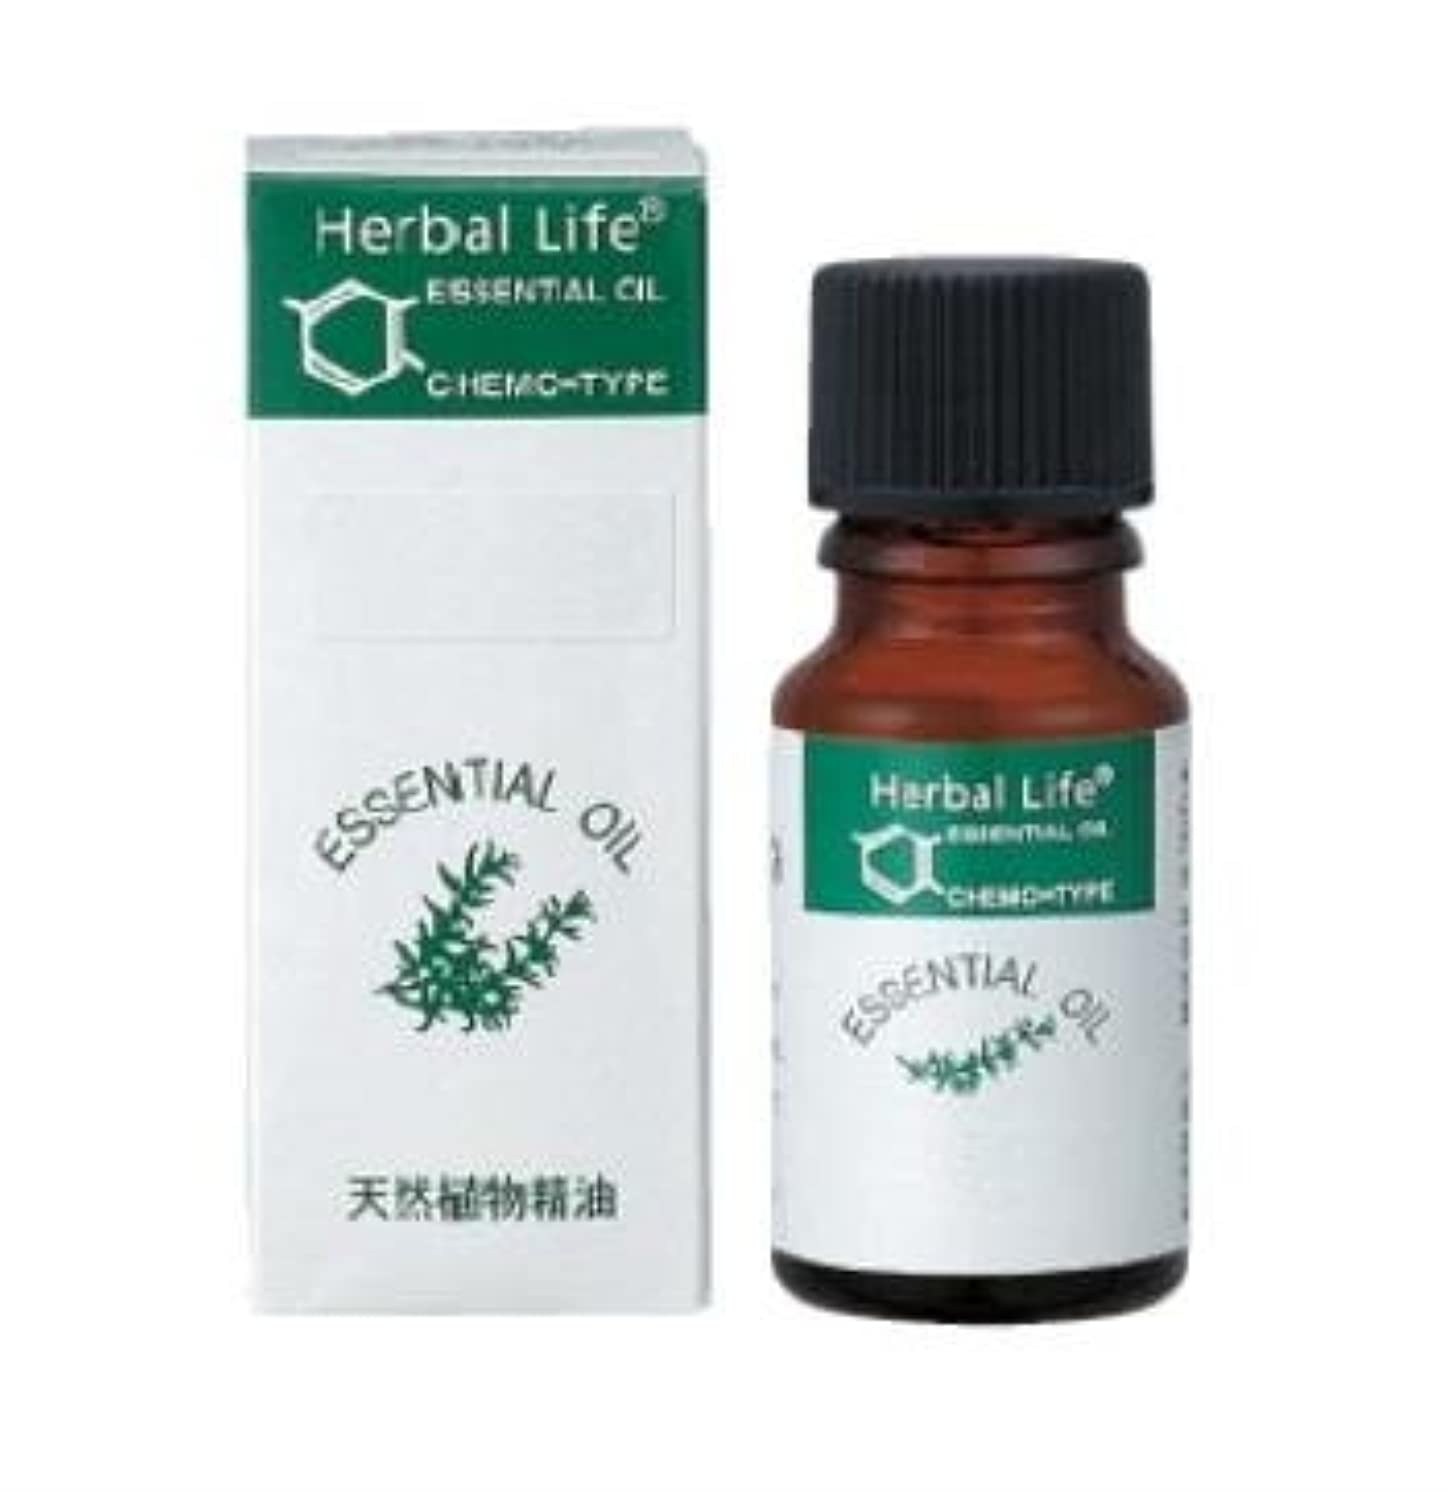 無条件さようならアルコーブ生活の木 柚子[水蒸気蒸留法]10ml エッセンシャルオイル/精油